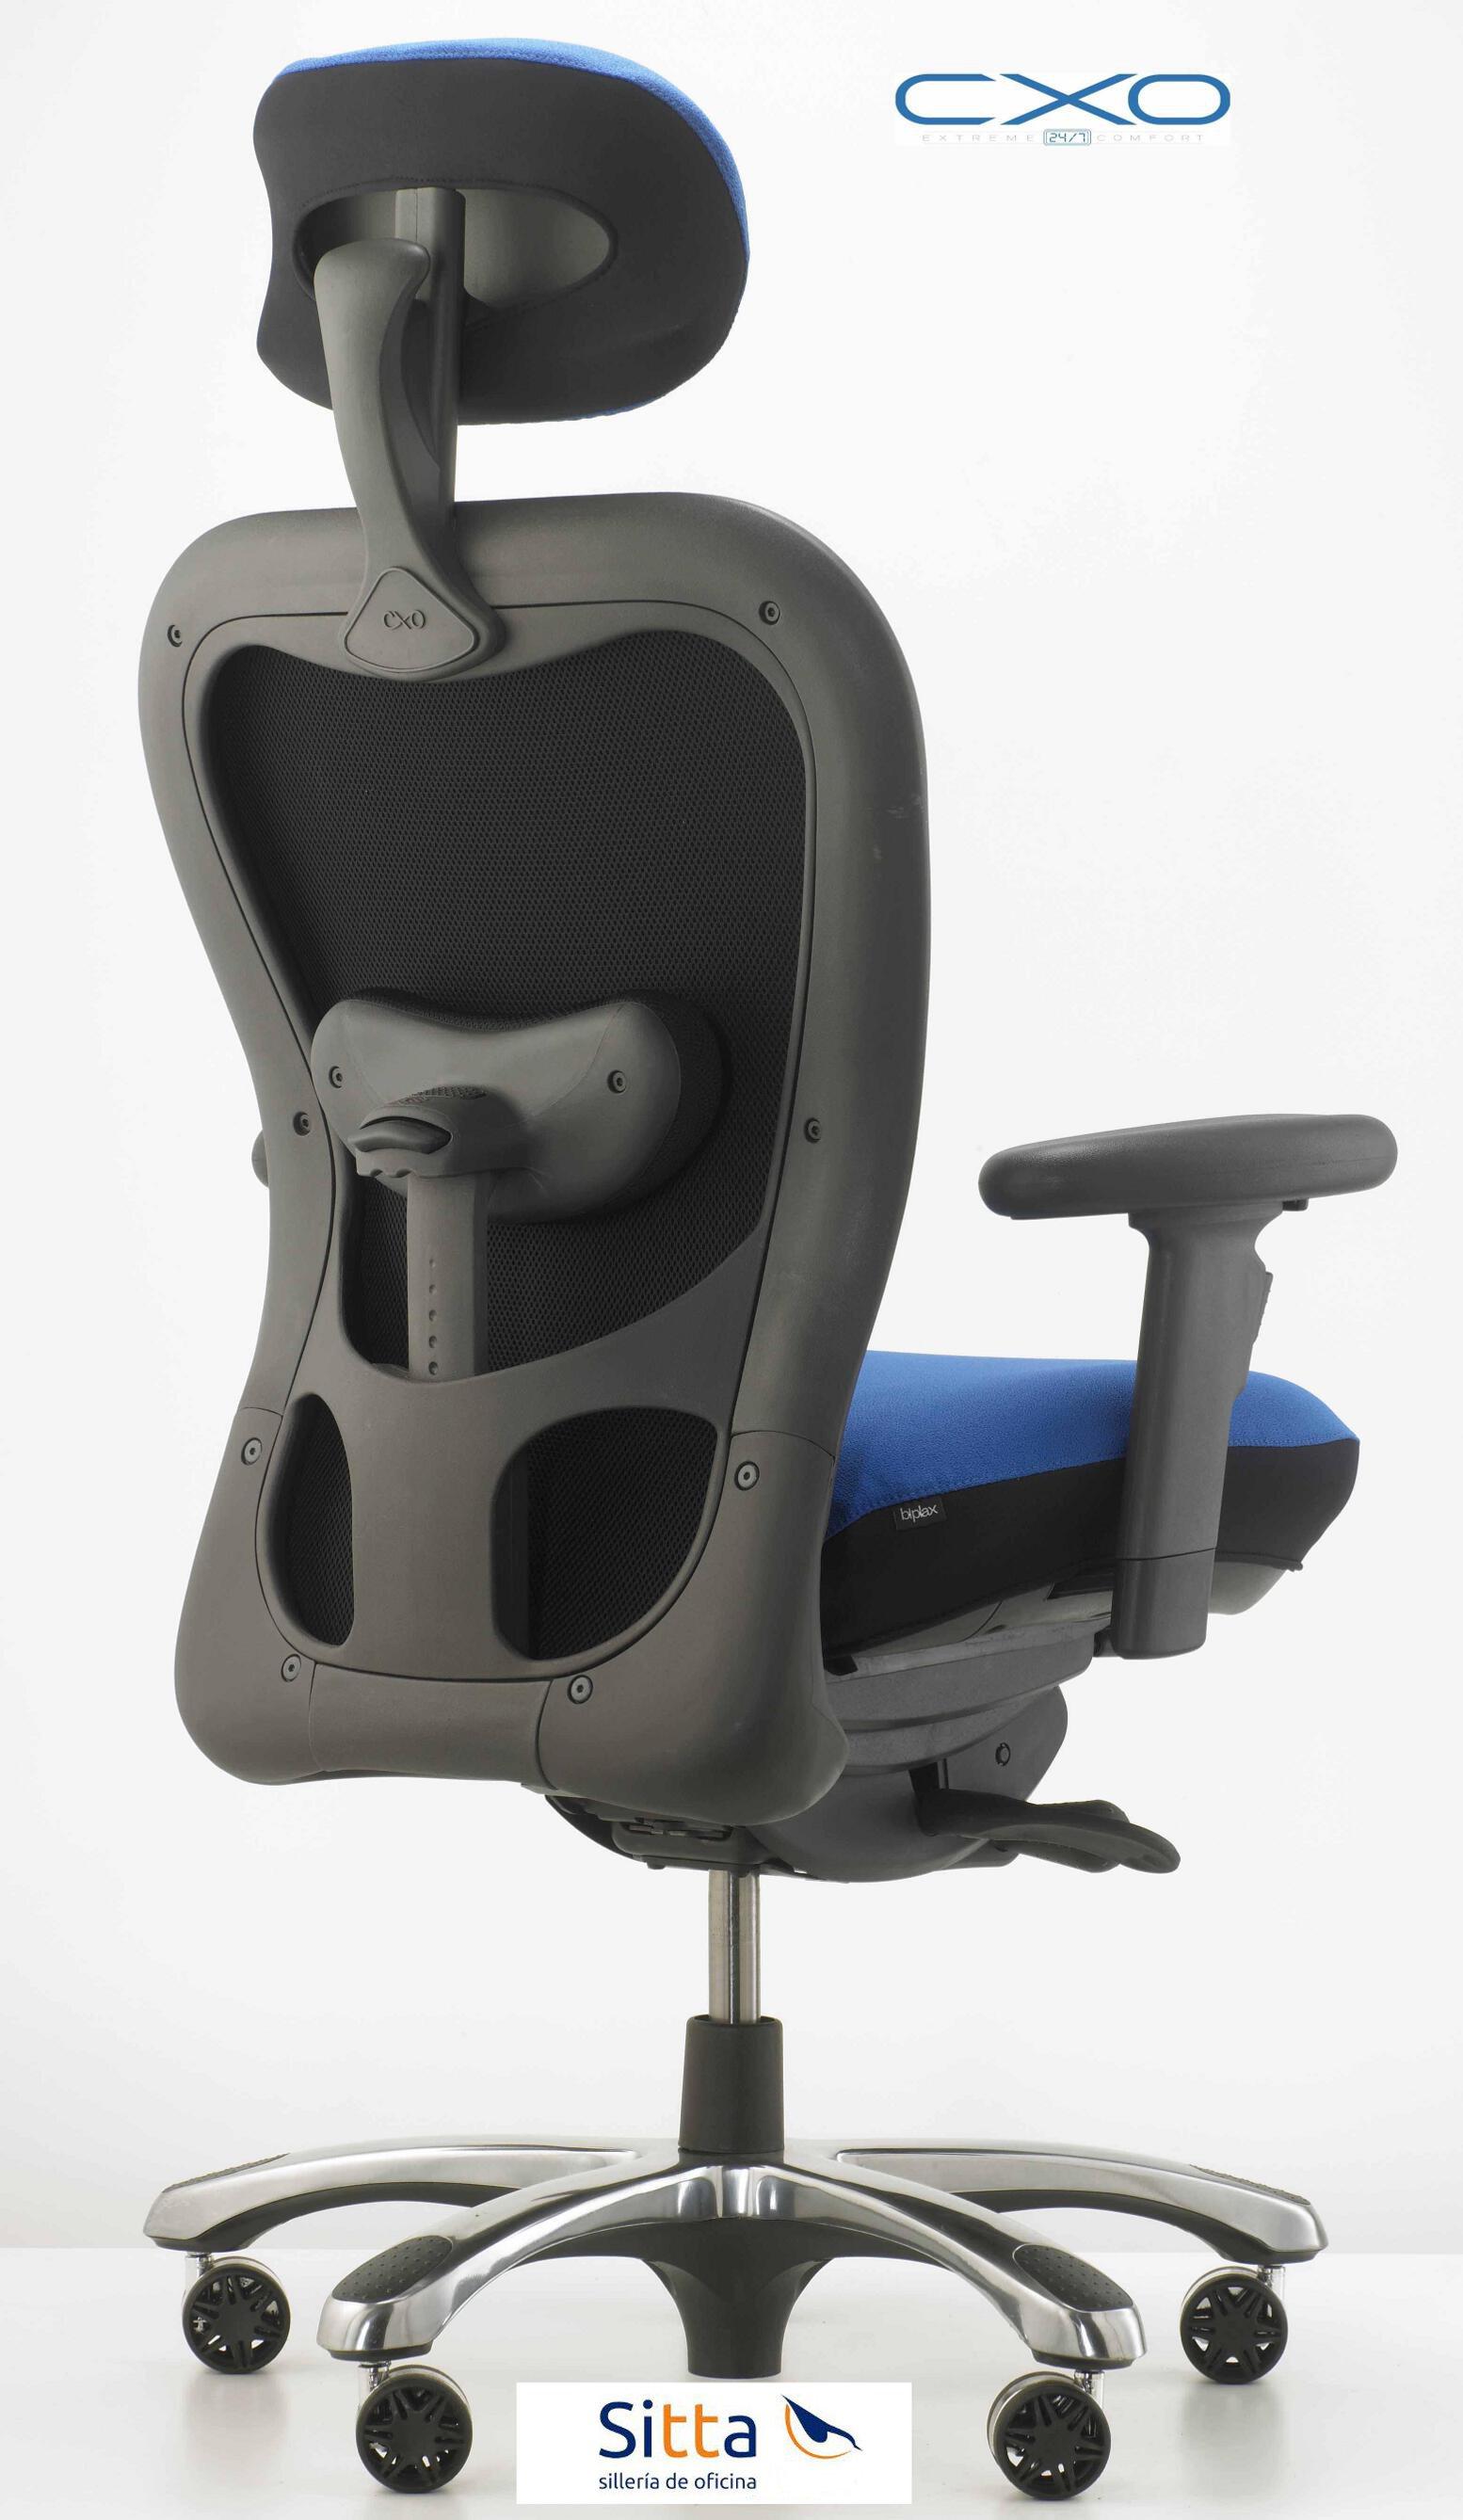 CXO sitta - espacio sutil - distribuidor oficial sitta